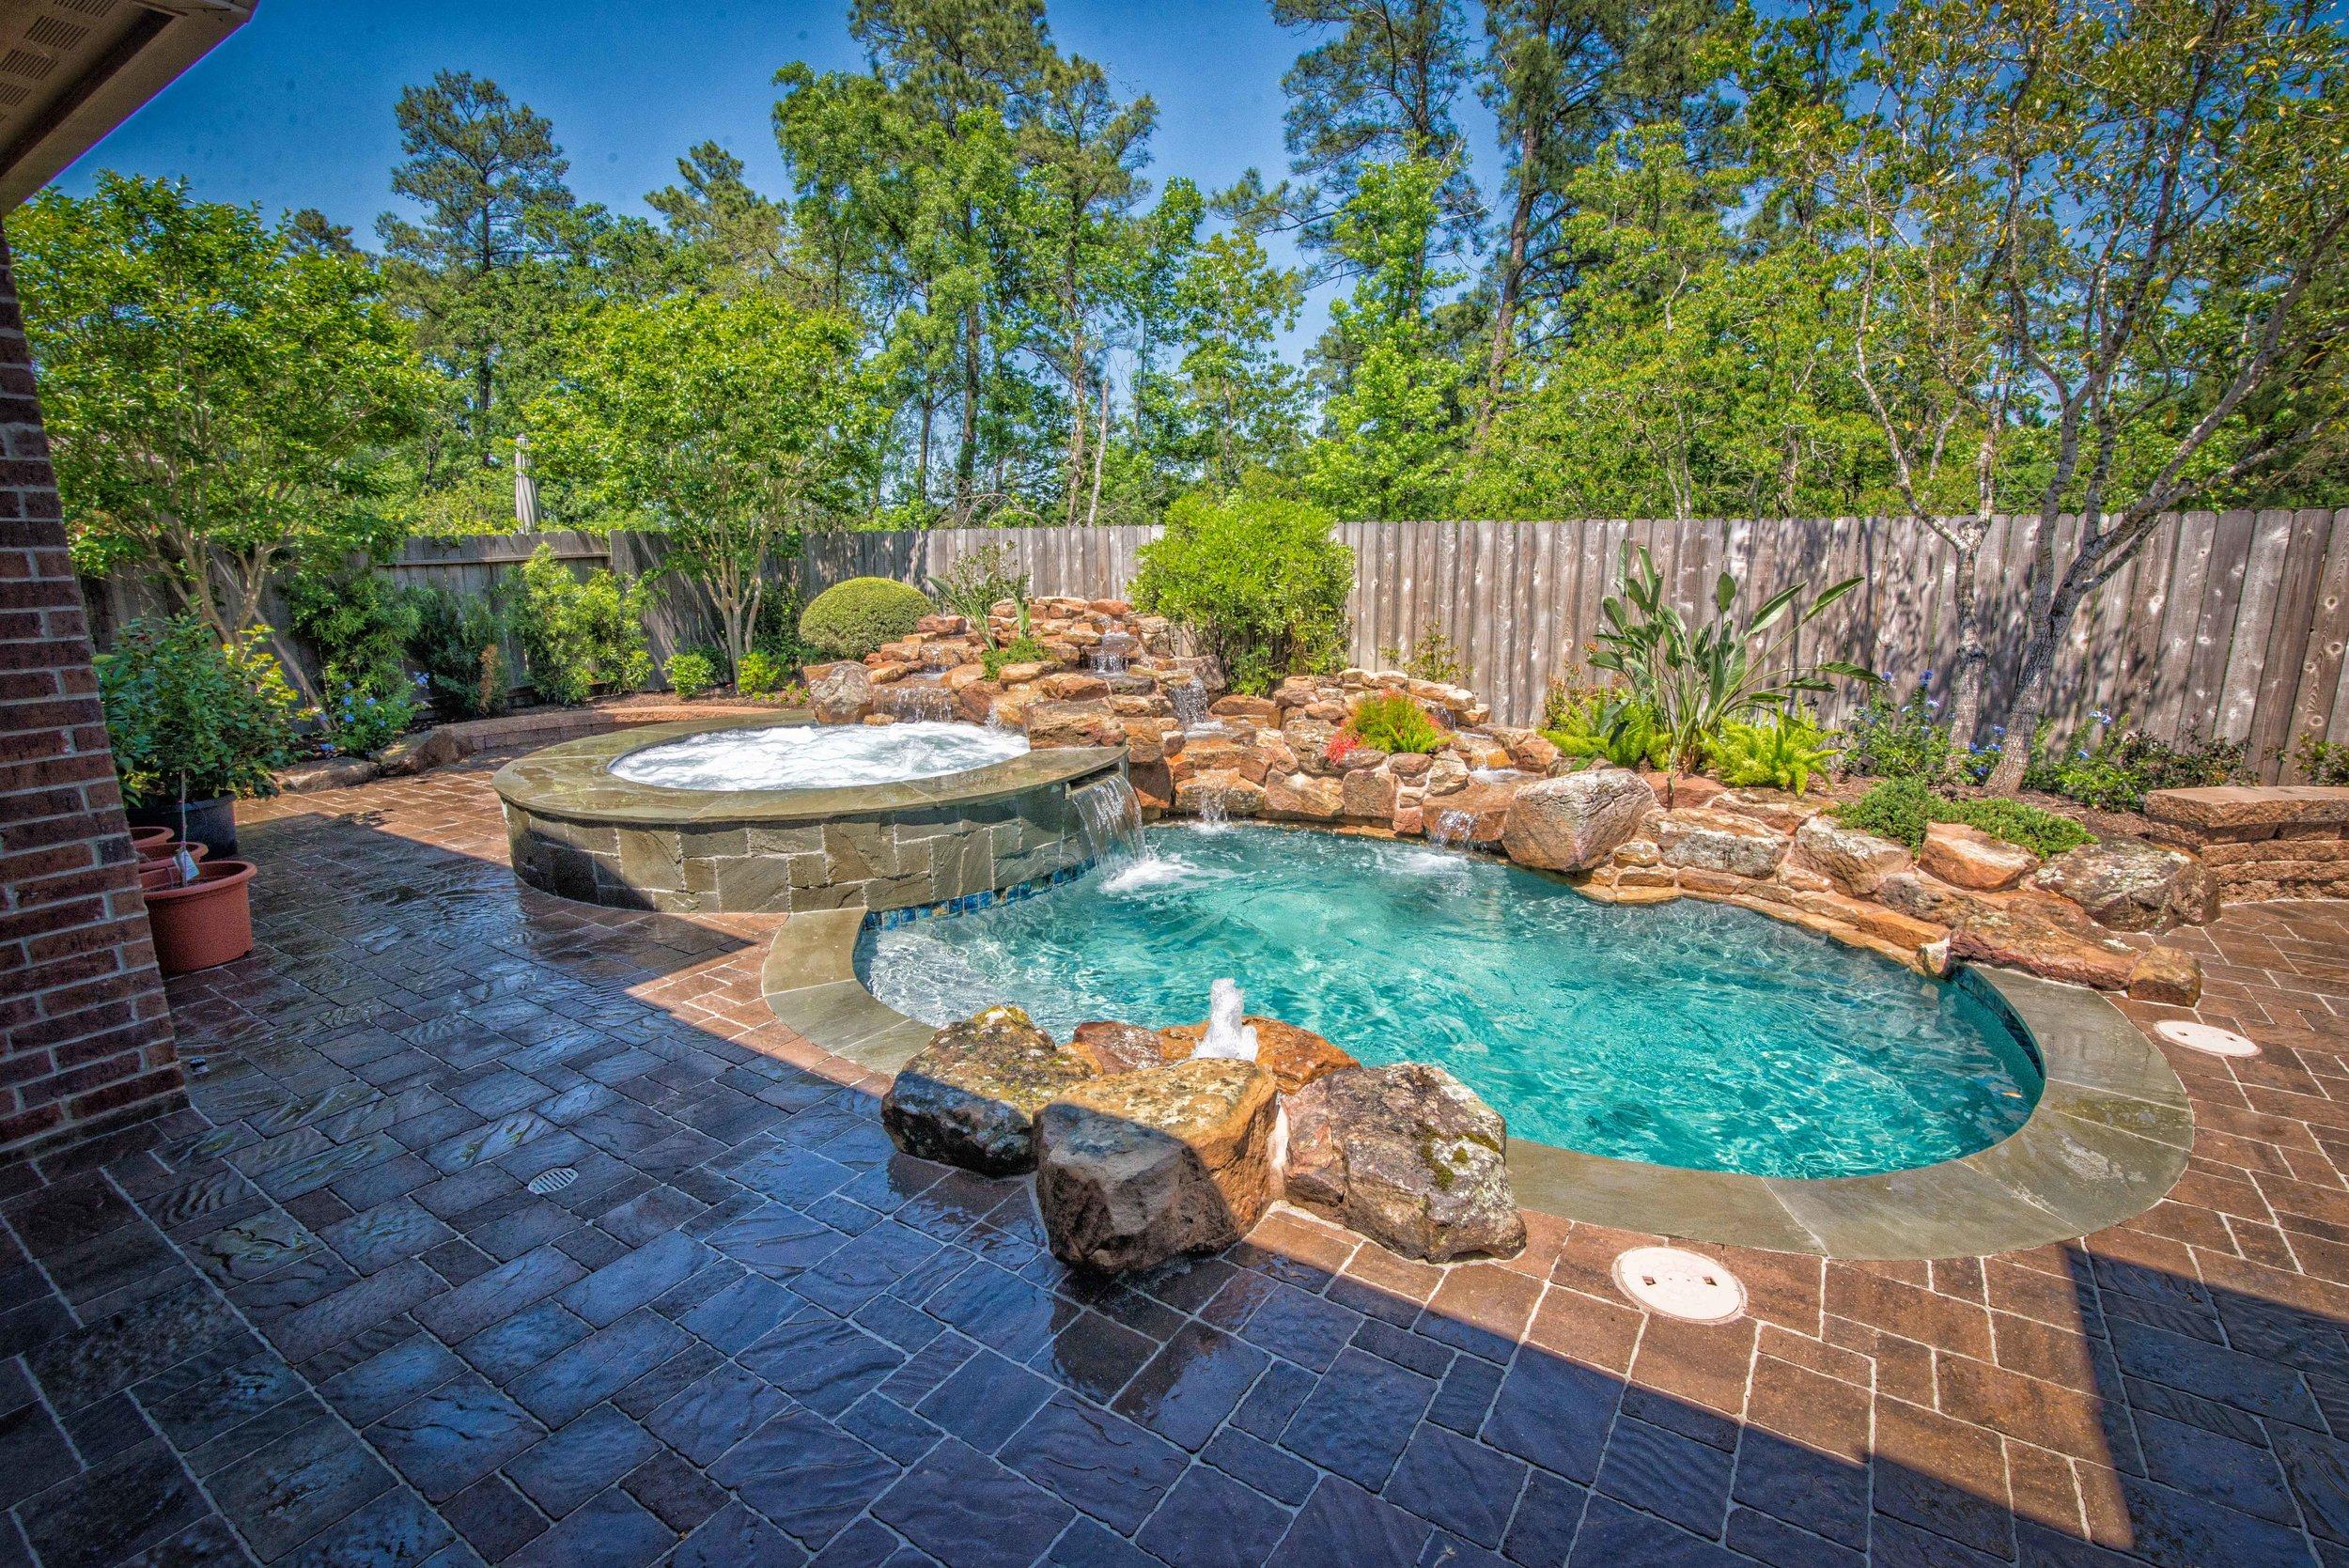 этом красивый бассейн на даче фото этом